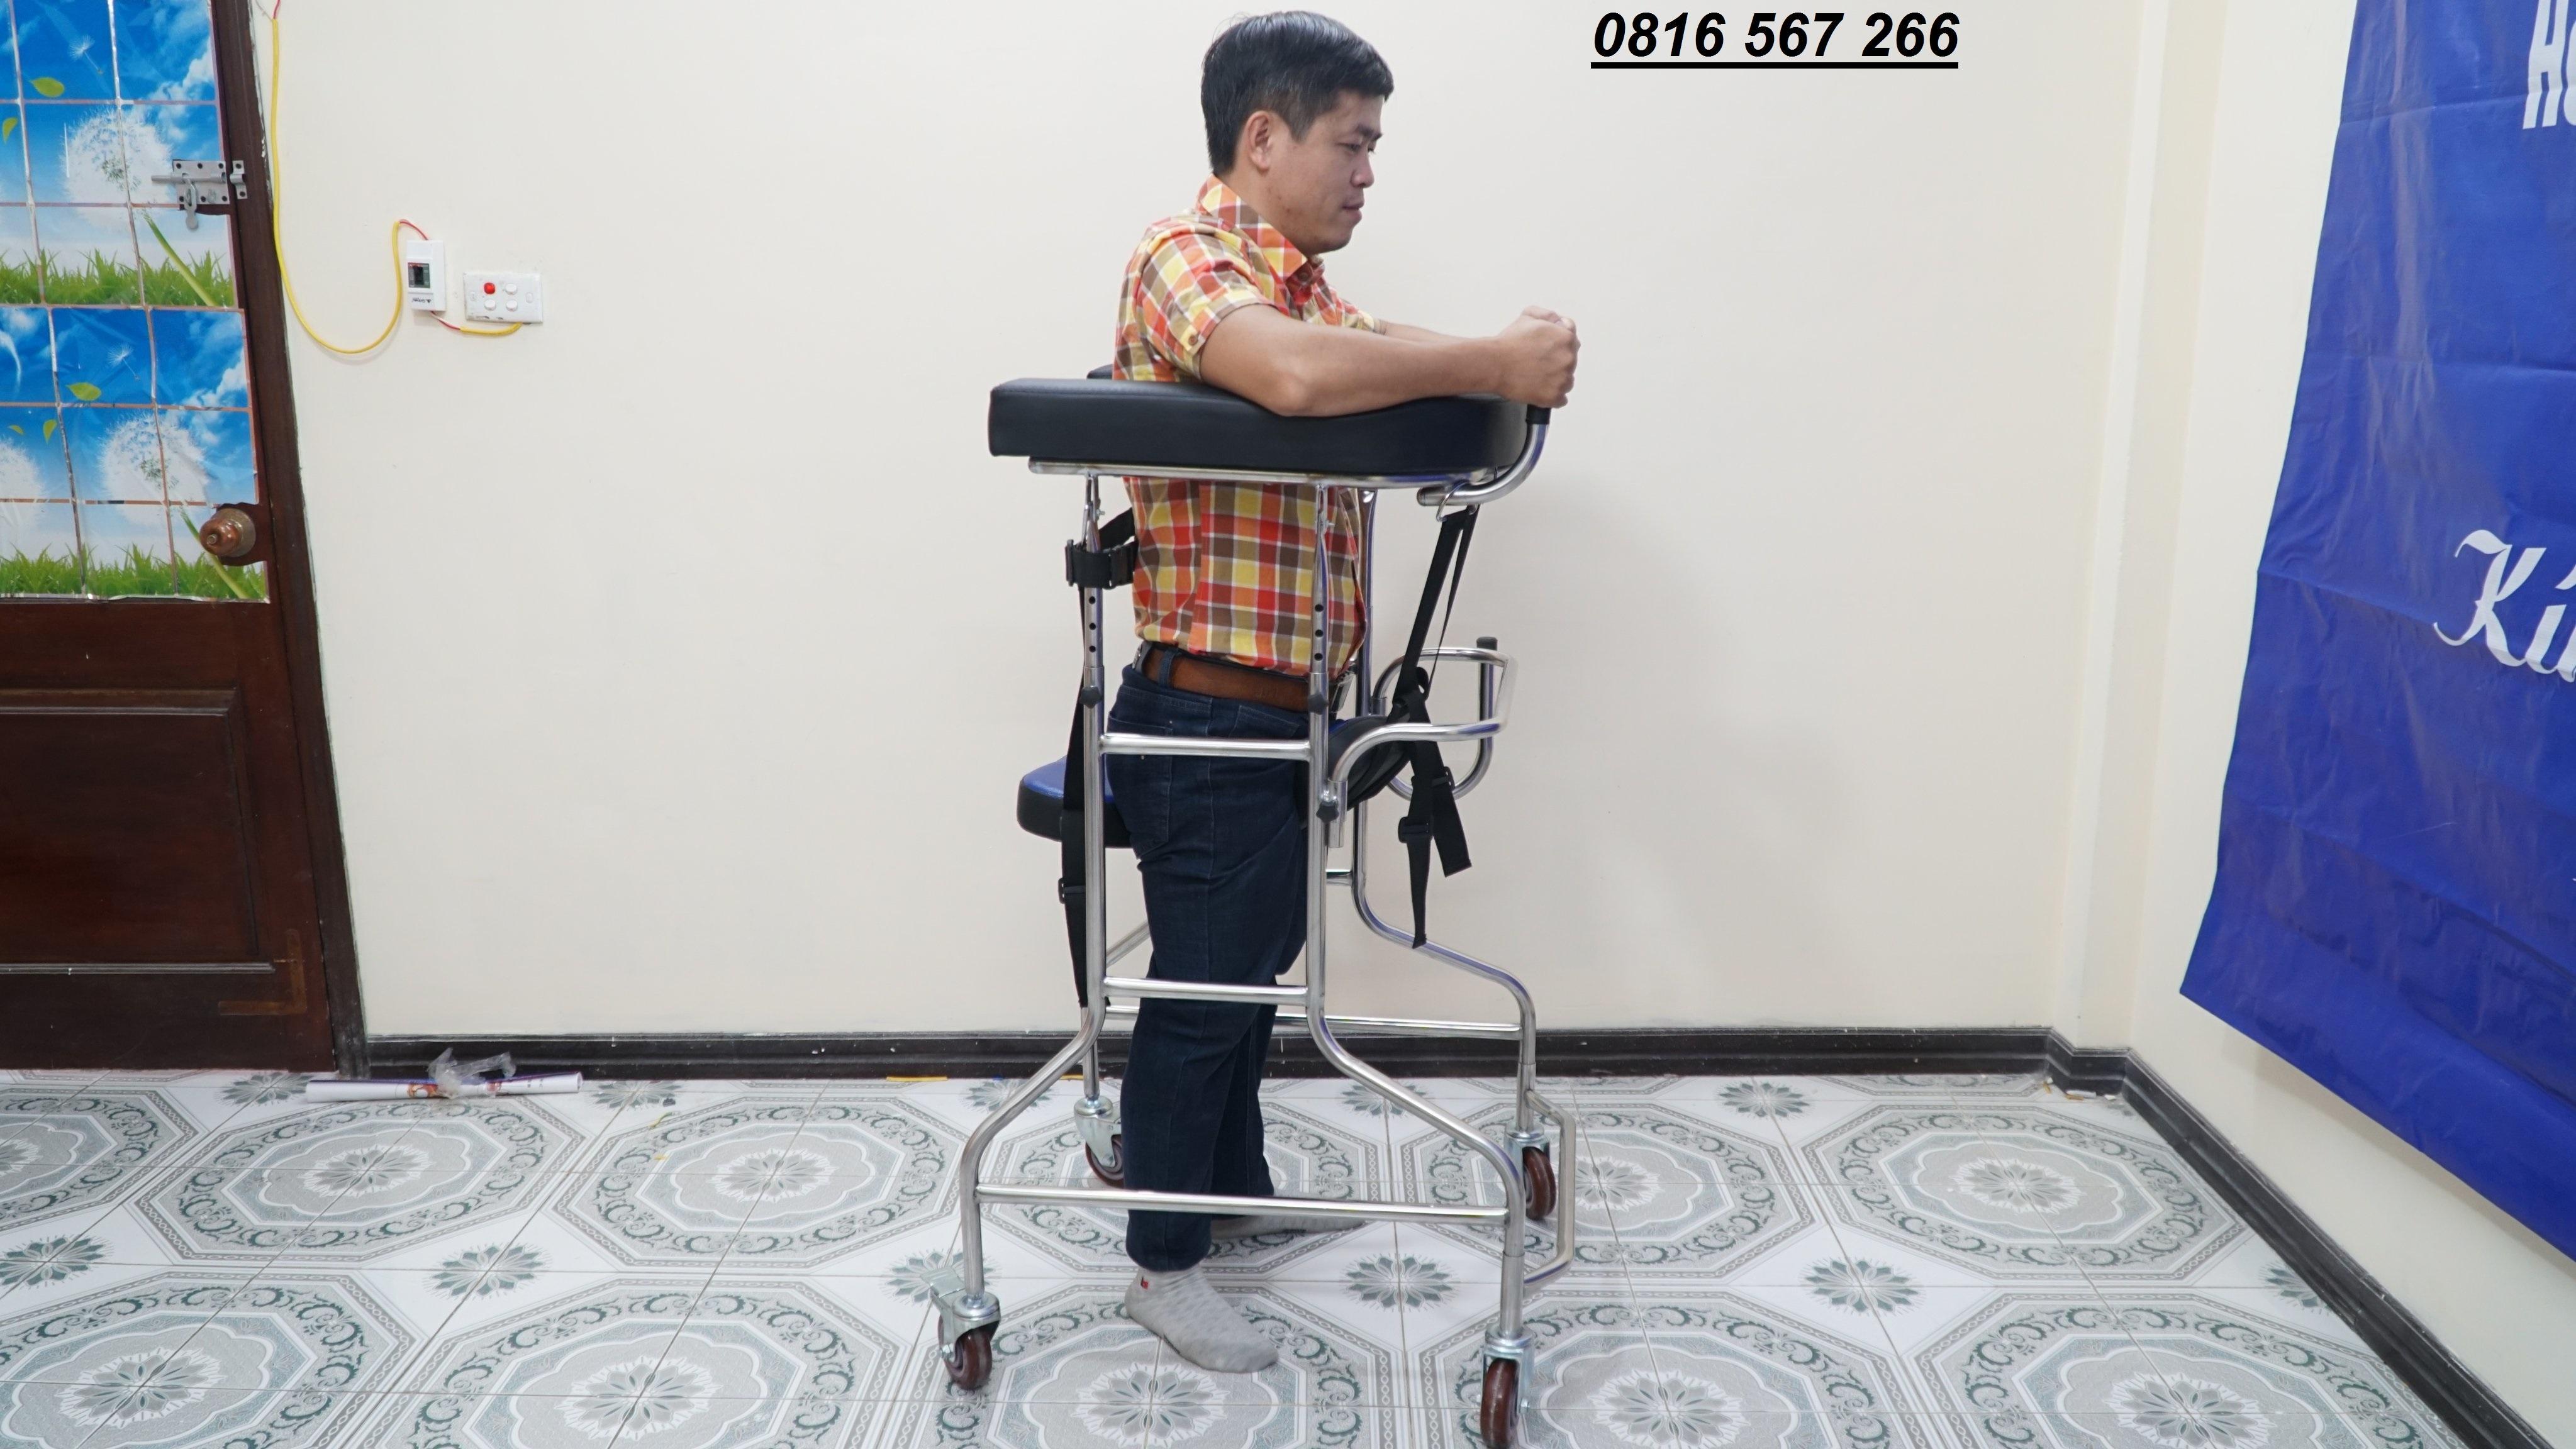 Khung tập đi cho bệnh nhân tai biến và người cao tuổi cao cấp